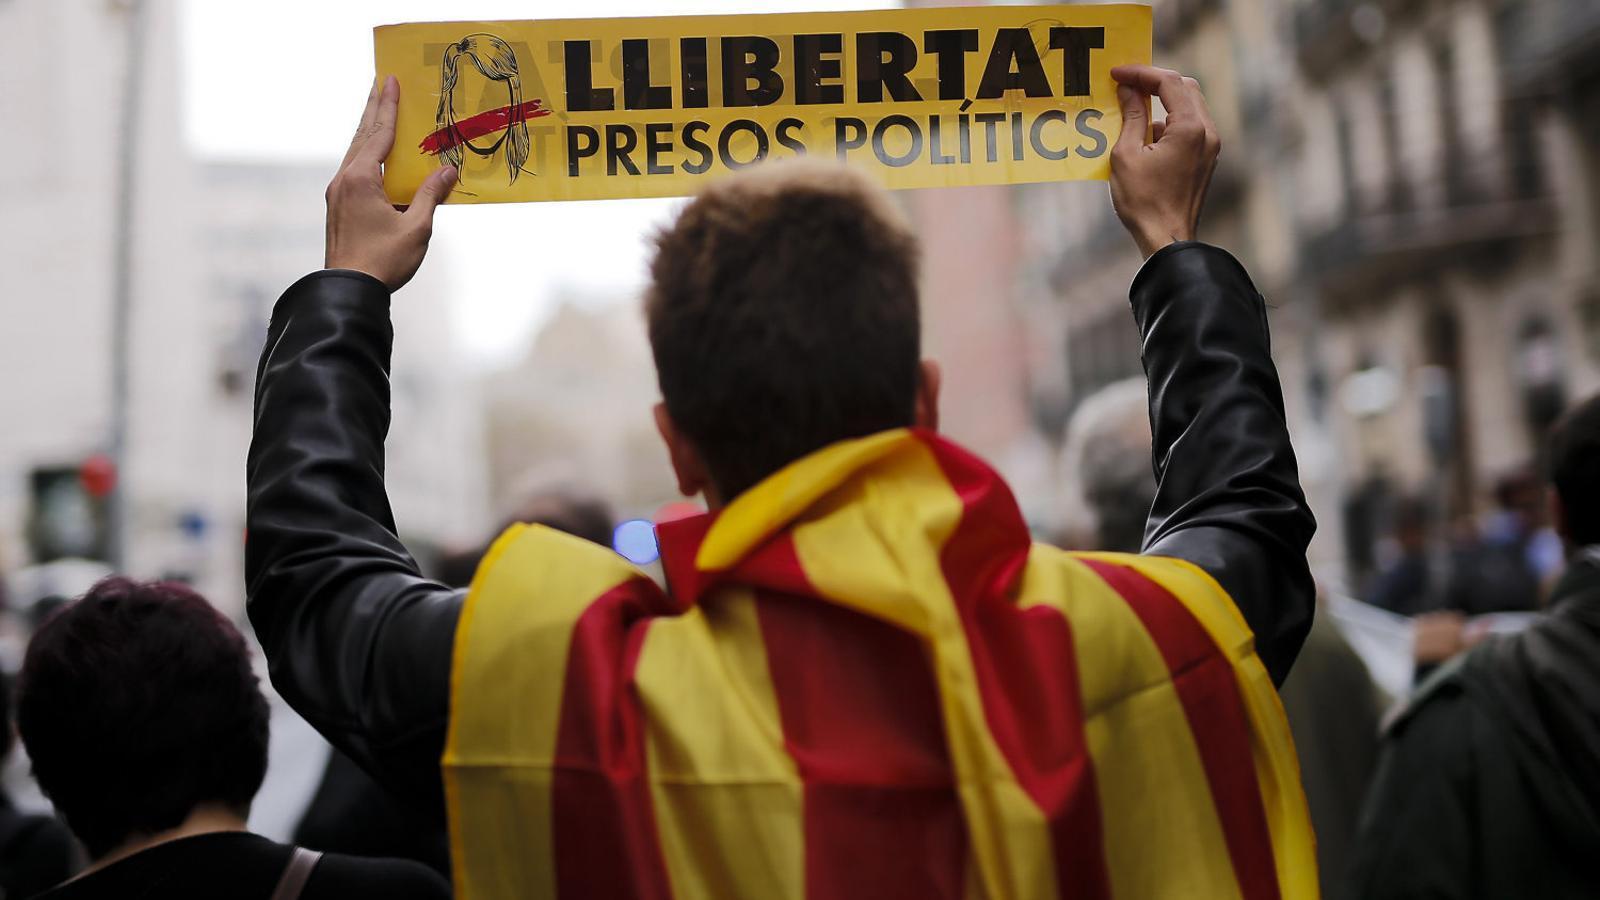 Milers de persones van participar ahir en les mobilitzacions per protestar per l'aplicació del 155 i a favor de l'alliberament dels presos polítics.